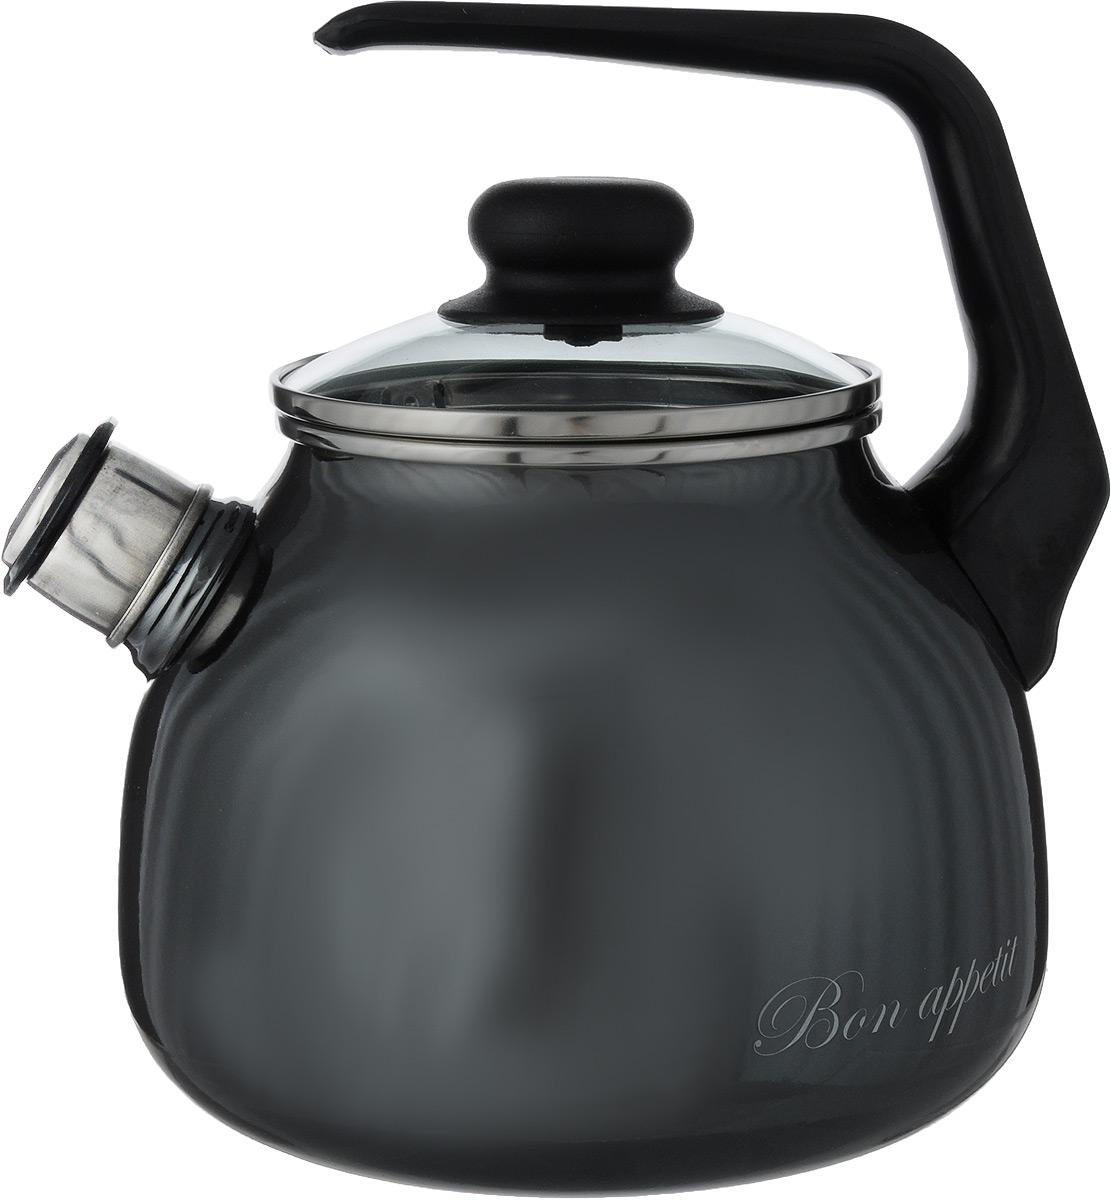 Чайник эмалированный Vitross Bon Appetit, со свистком, цвет: мокрый асфальт, 3 лVT-1520(SR)Чайник эмалированный Vitross Bon Appetit изготовлен извысококачественного стального проката состеклокерамическим покрытием. Стеклокерамика инертна и устойчива к пищевымкислотам, не вступает во взаимодействие с продуктами ине искажает их вкусовые качества. Прочный стальнойкорпус обеспечивает эффективную тепловую обработкупищевых продуктов и не деформируется в процессеэксплуатации.Чайник оснащен удобной пластиковой ручкой . Крышка чайника выполнена из стекла. Носикчайника с насадкой-свистком позволит вамконтролировать процесс подогрева или кипячения воды.Чайник пригоден для использования на газовых,электрических, стеклокерамических плитах, включаяиндукционные. Можно мыть в посудомоечной машине.Диаметр (по верхнему краю): 12,5 см.Высота чайника (с учетом ручки и крышки): 23 см.Высота чайника (без учета ручки и крышки): 15 см.